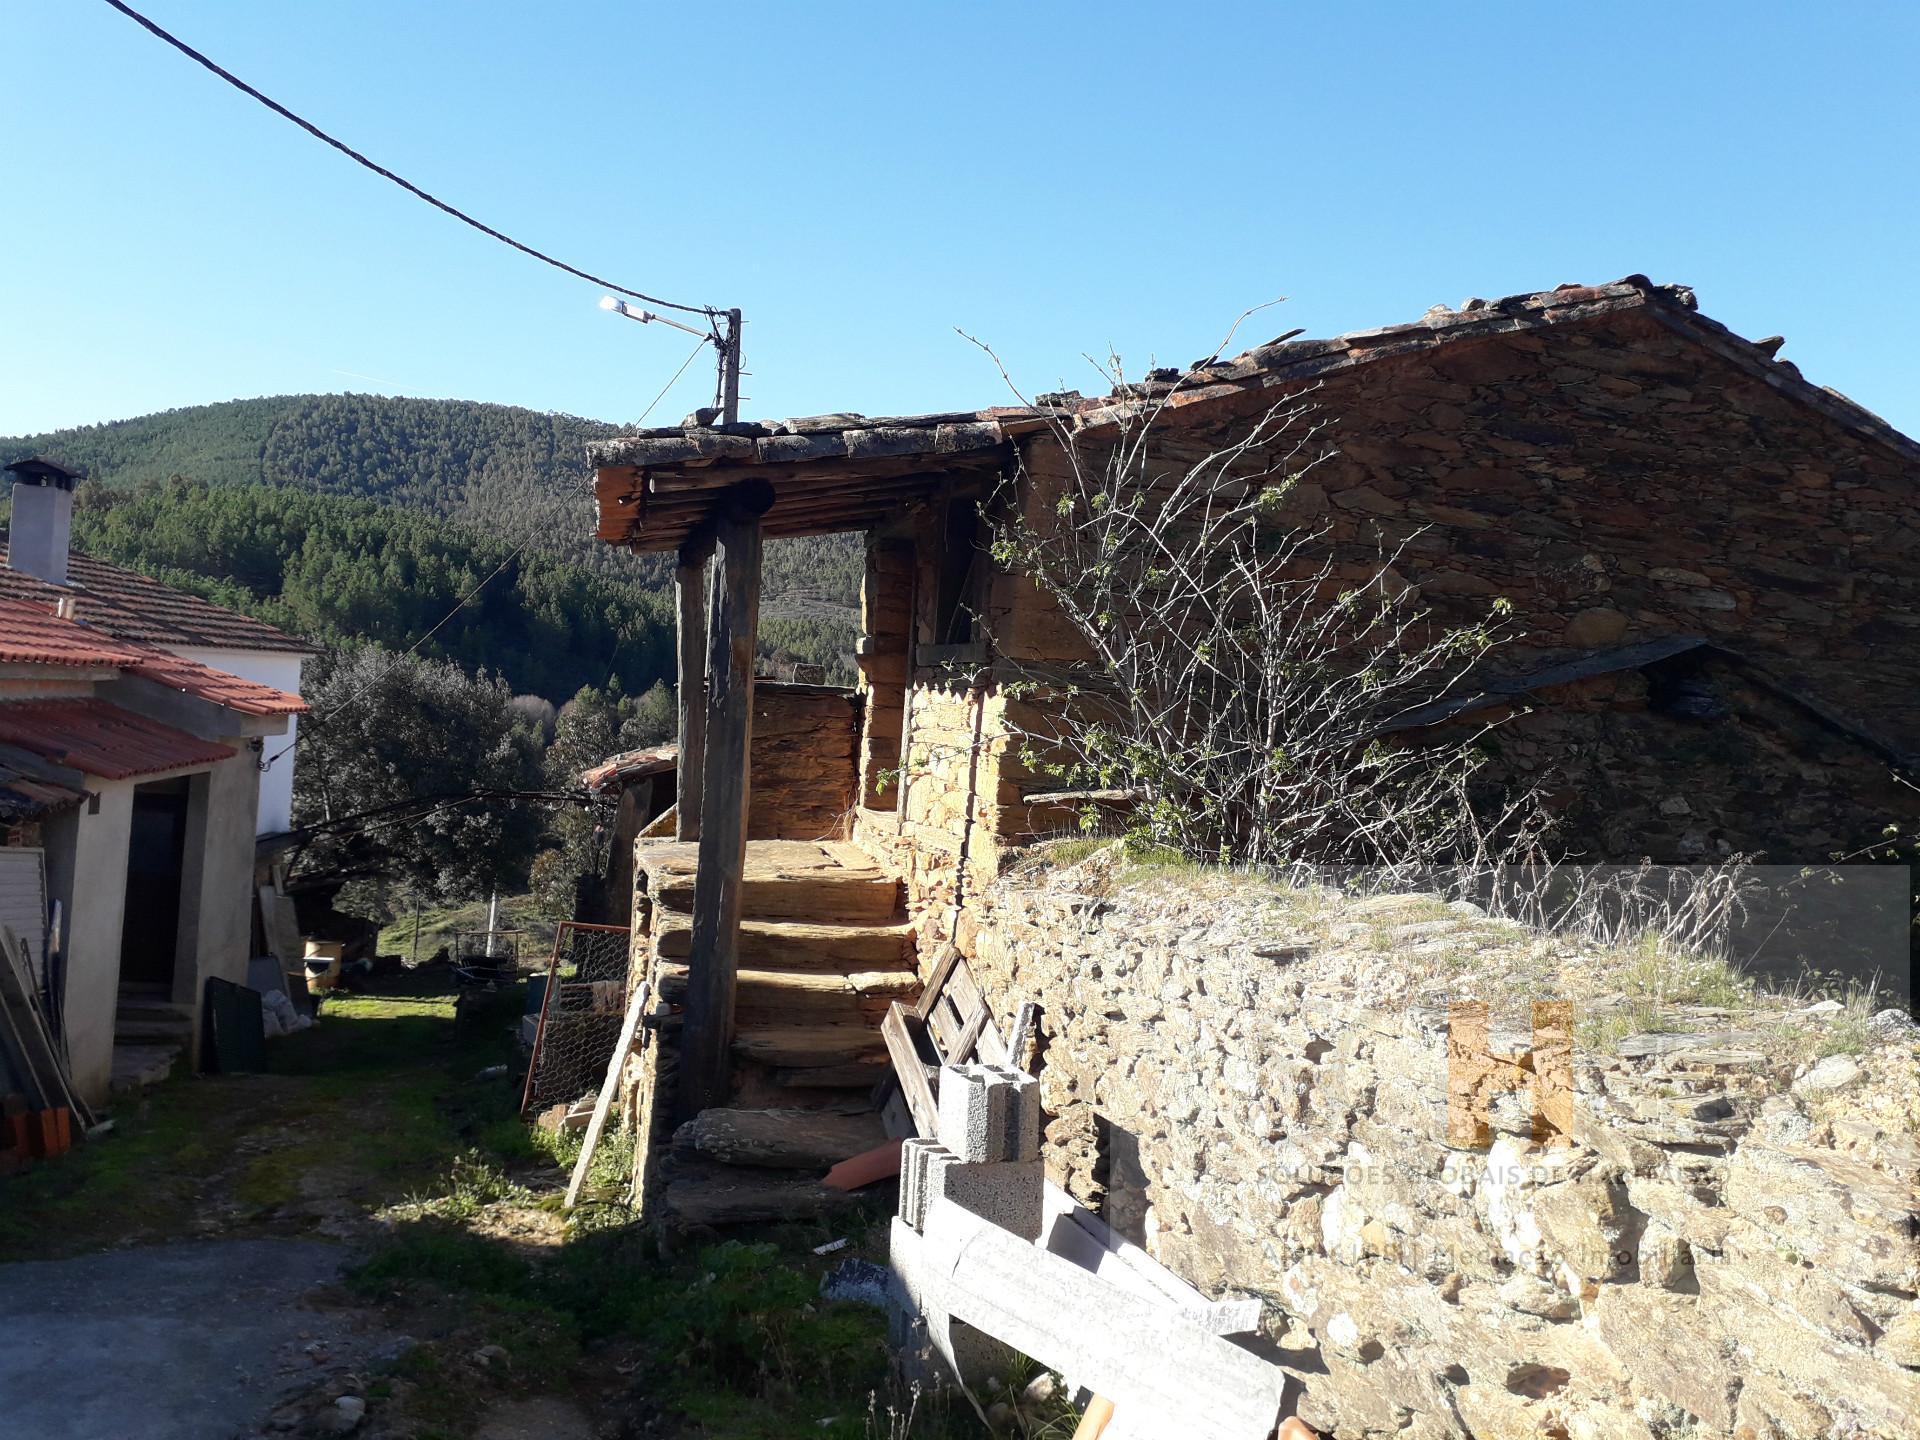 casas de xisto, Castelo Branco, Castelo Branco